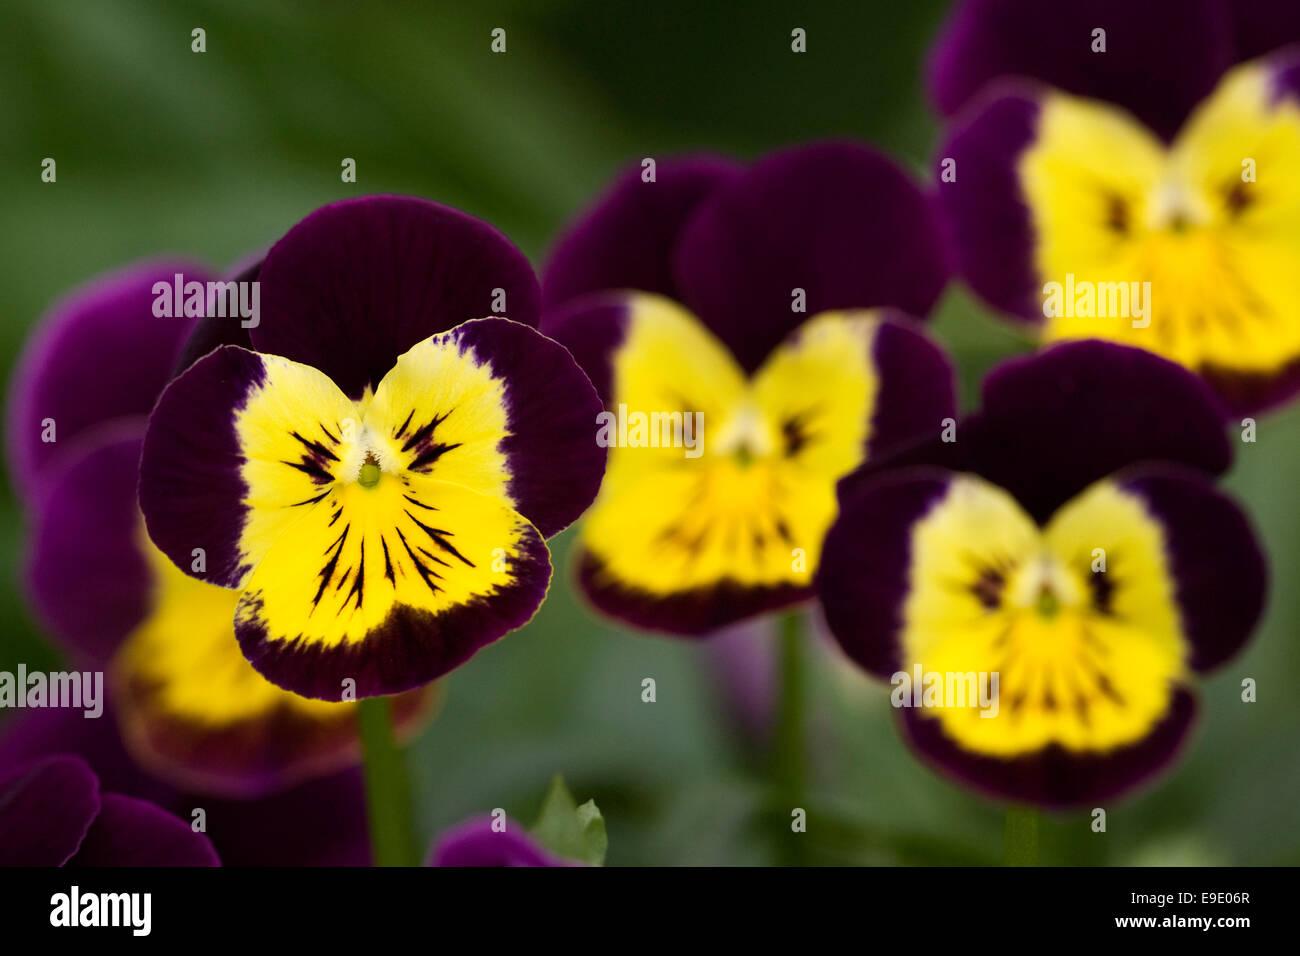 Viola flowers in Summer. - Stock Image